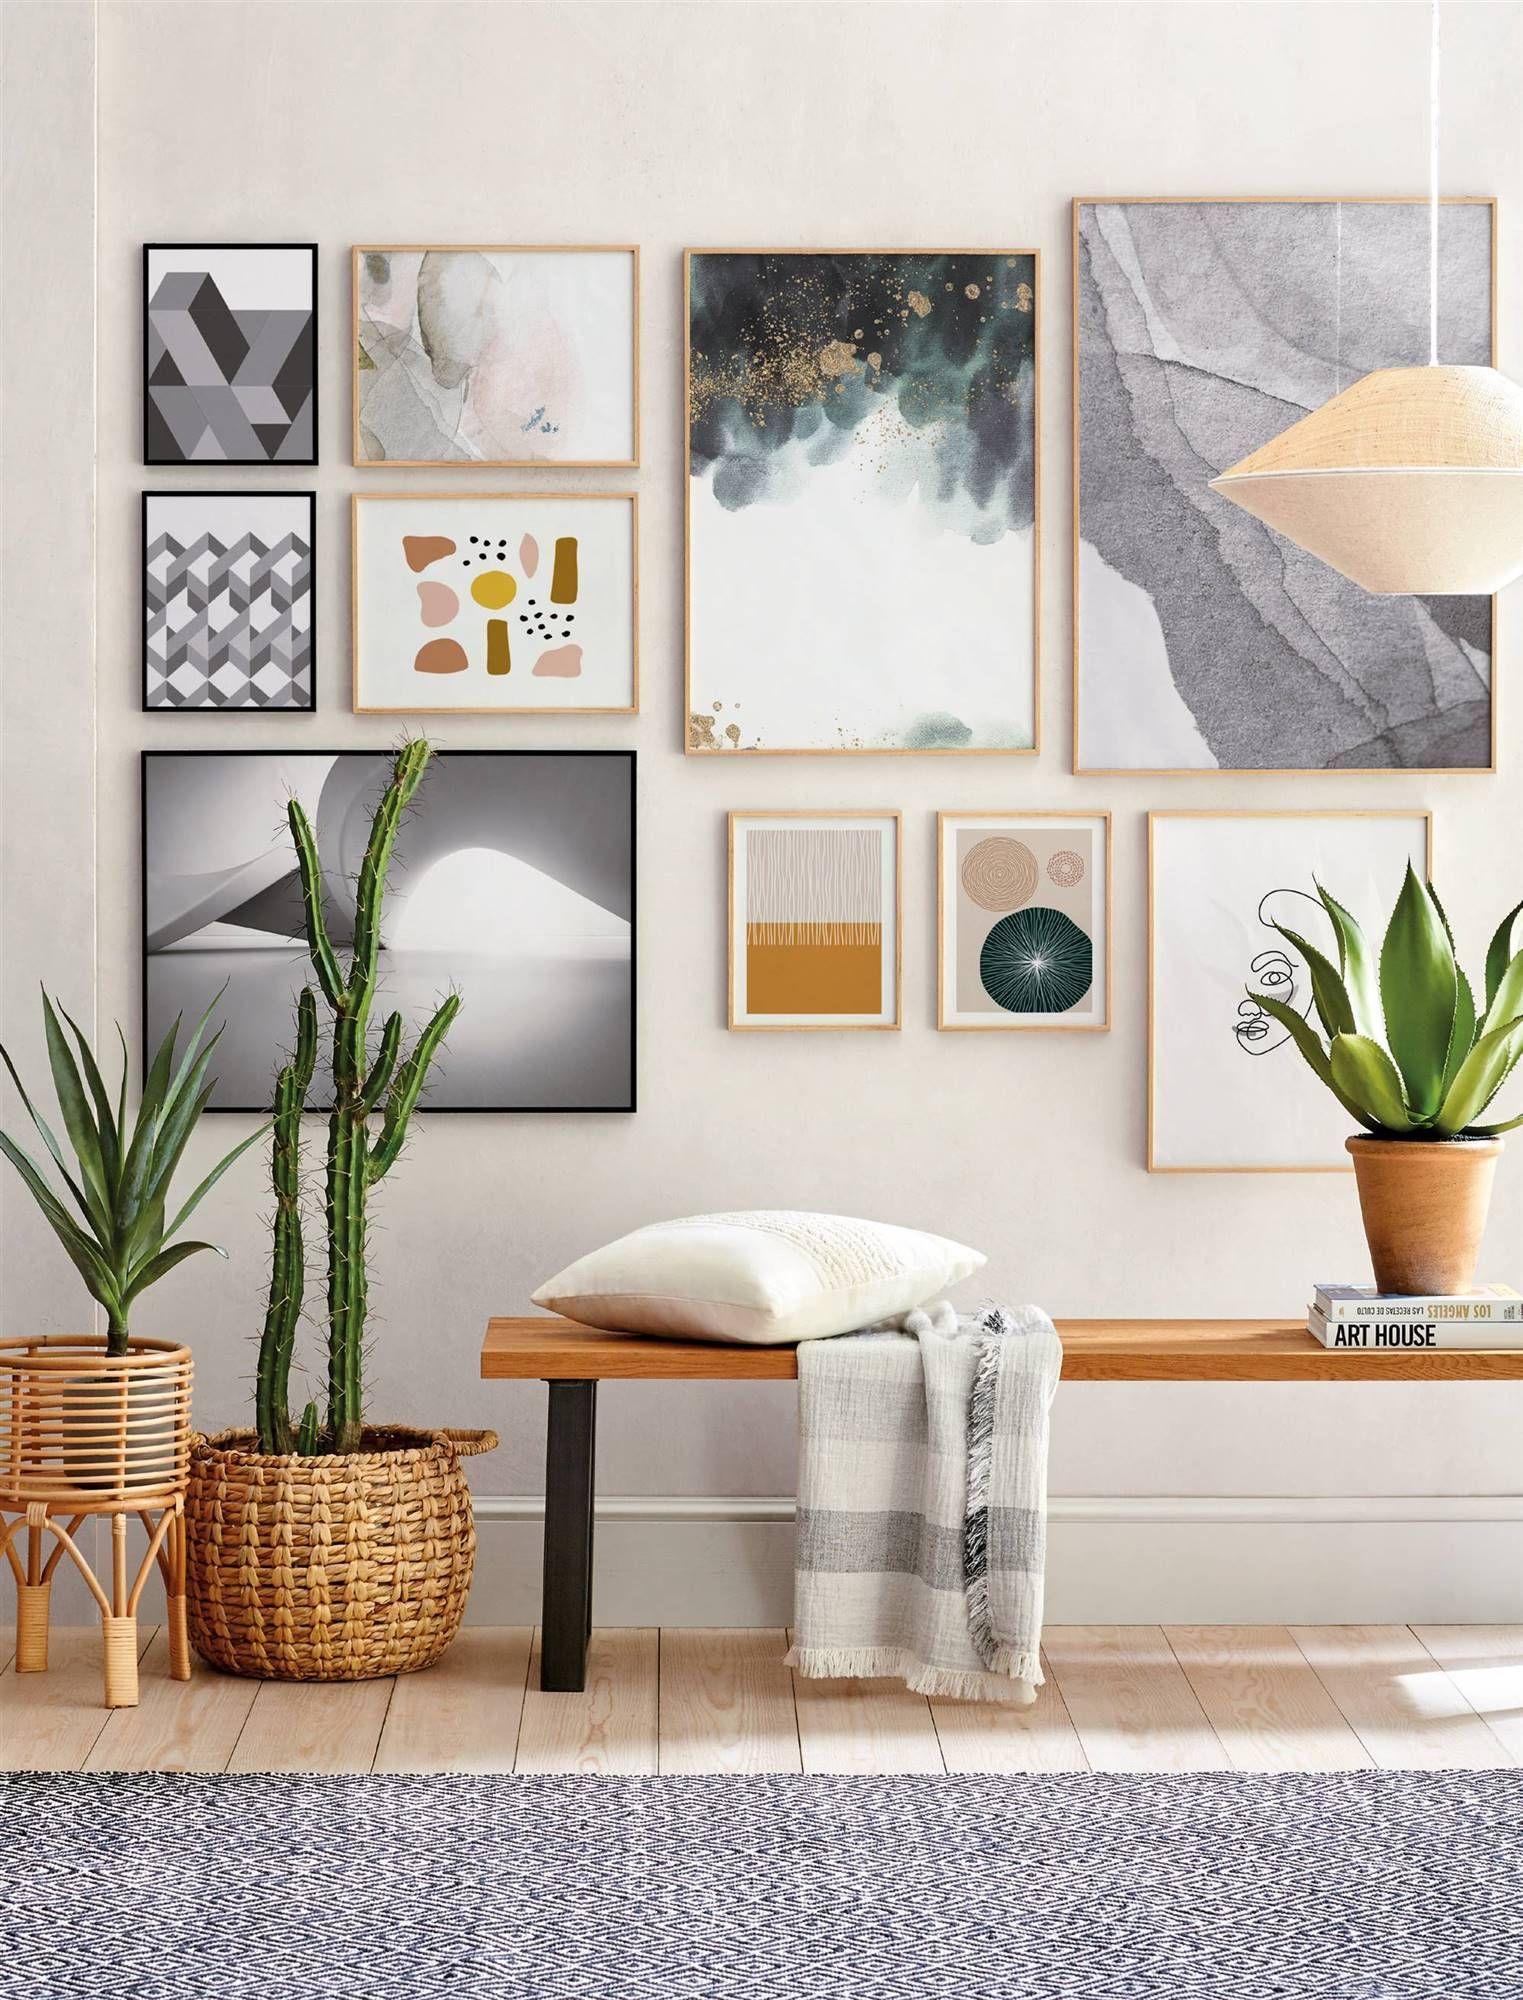 50 Ideas Para Decorar Con Fotos Y Cuadros Que Te Suben El ánimo En 2020 Decoración De Unas Decoracion De Interiores Decoraciones De Casa